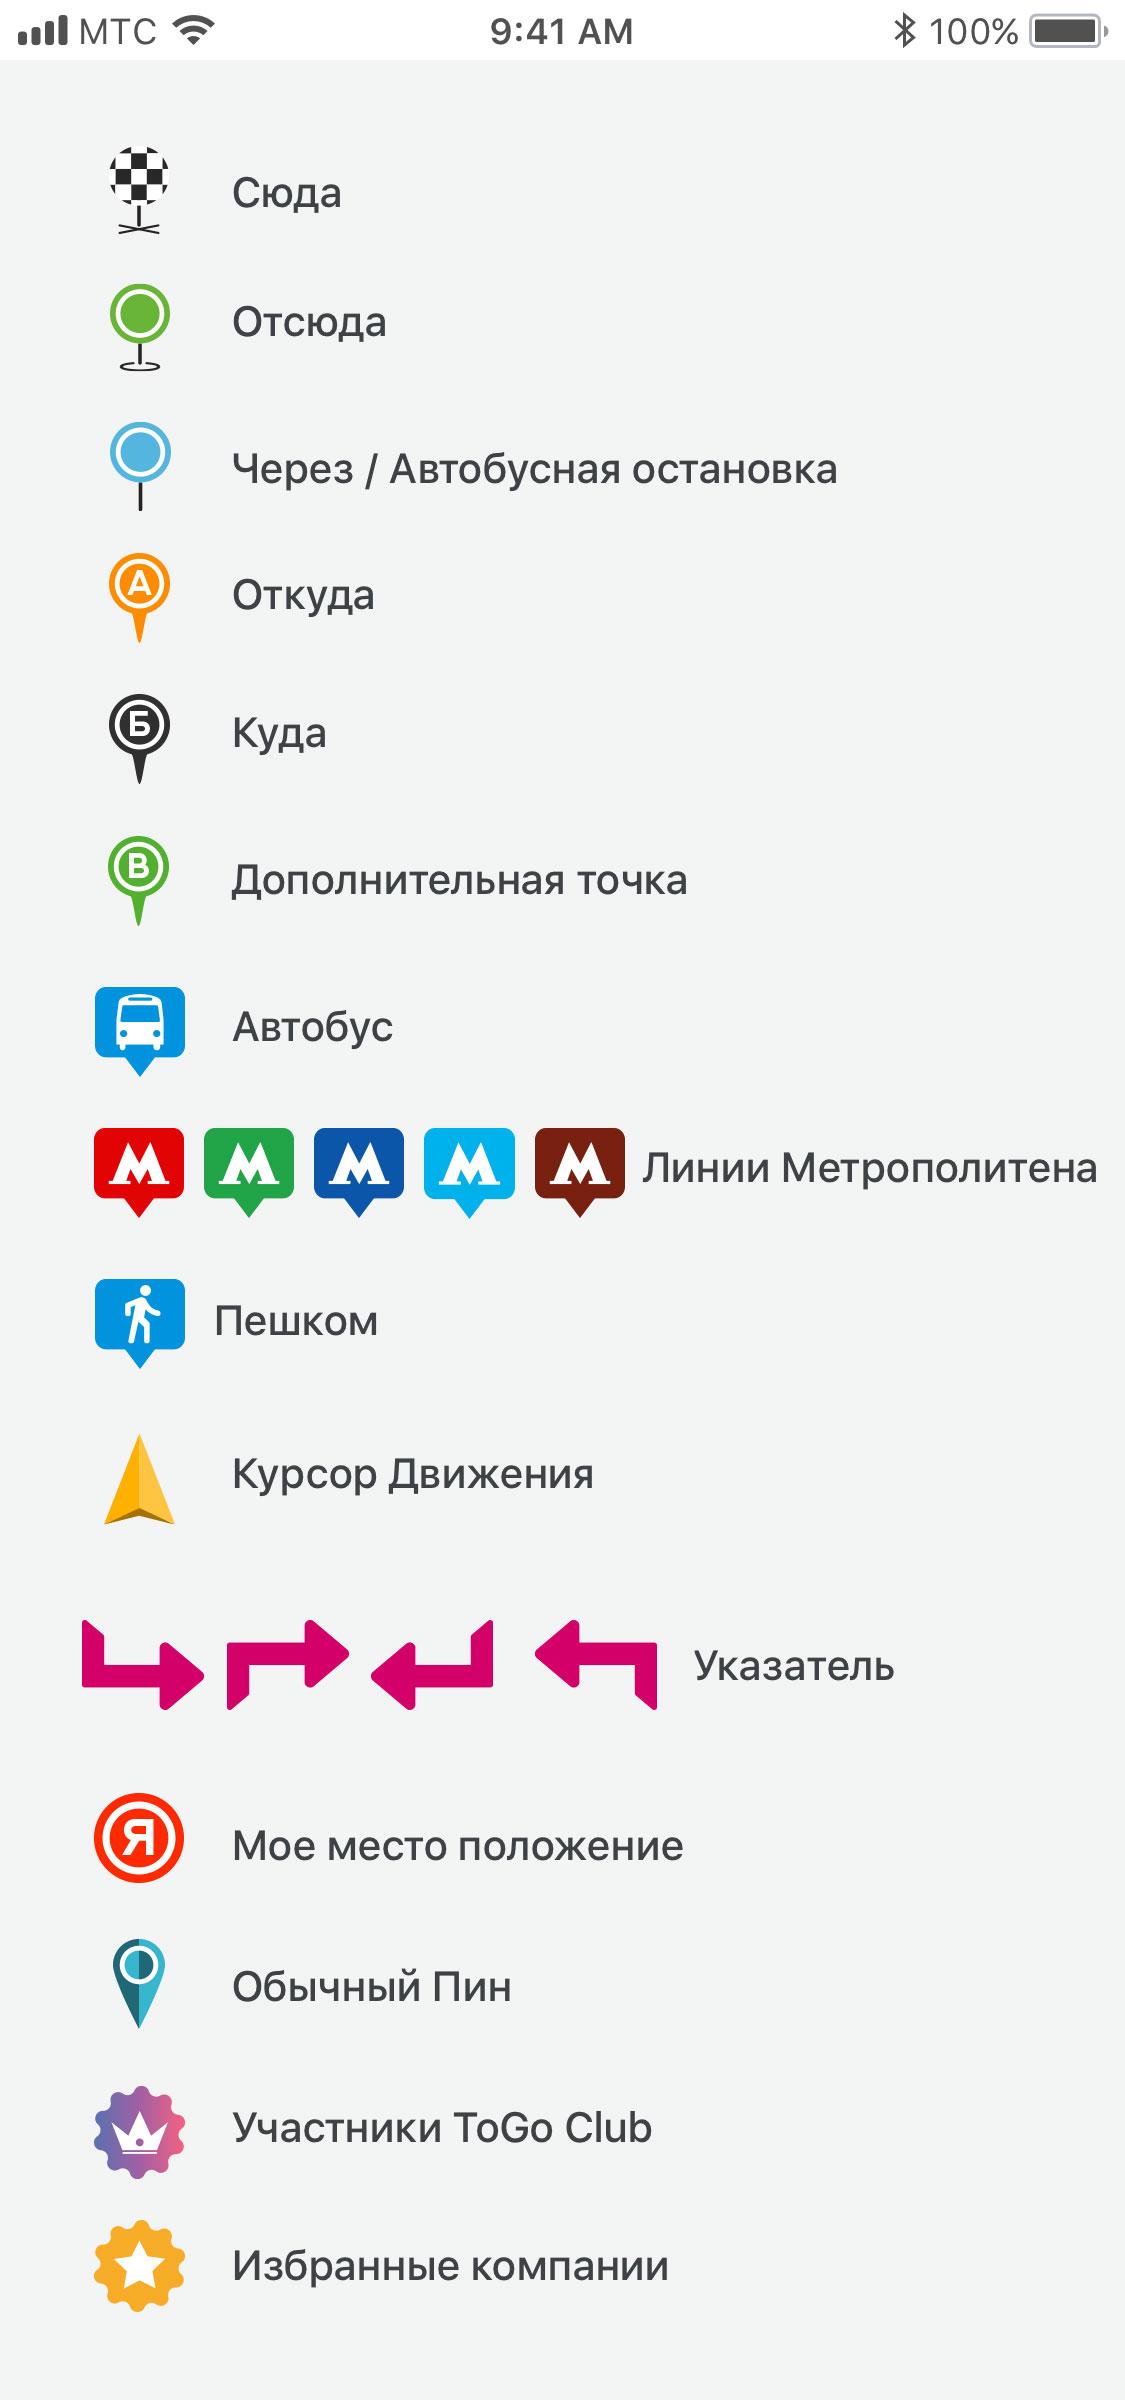 Иконки на карту. фото f_5465b04338681b31.jpg